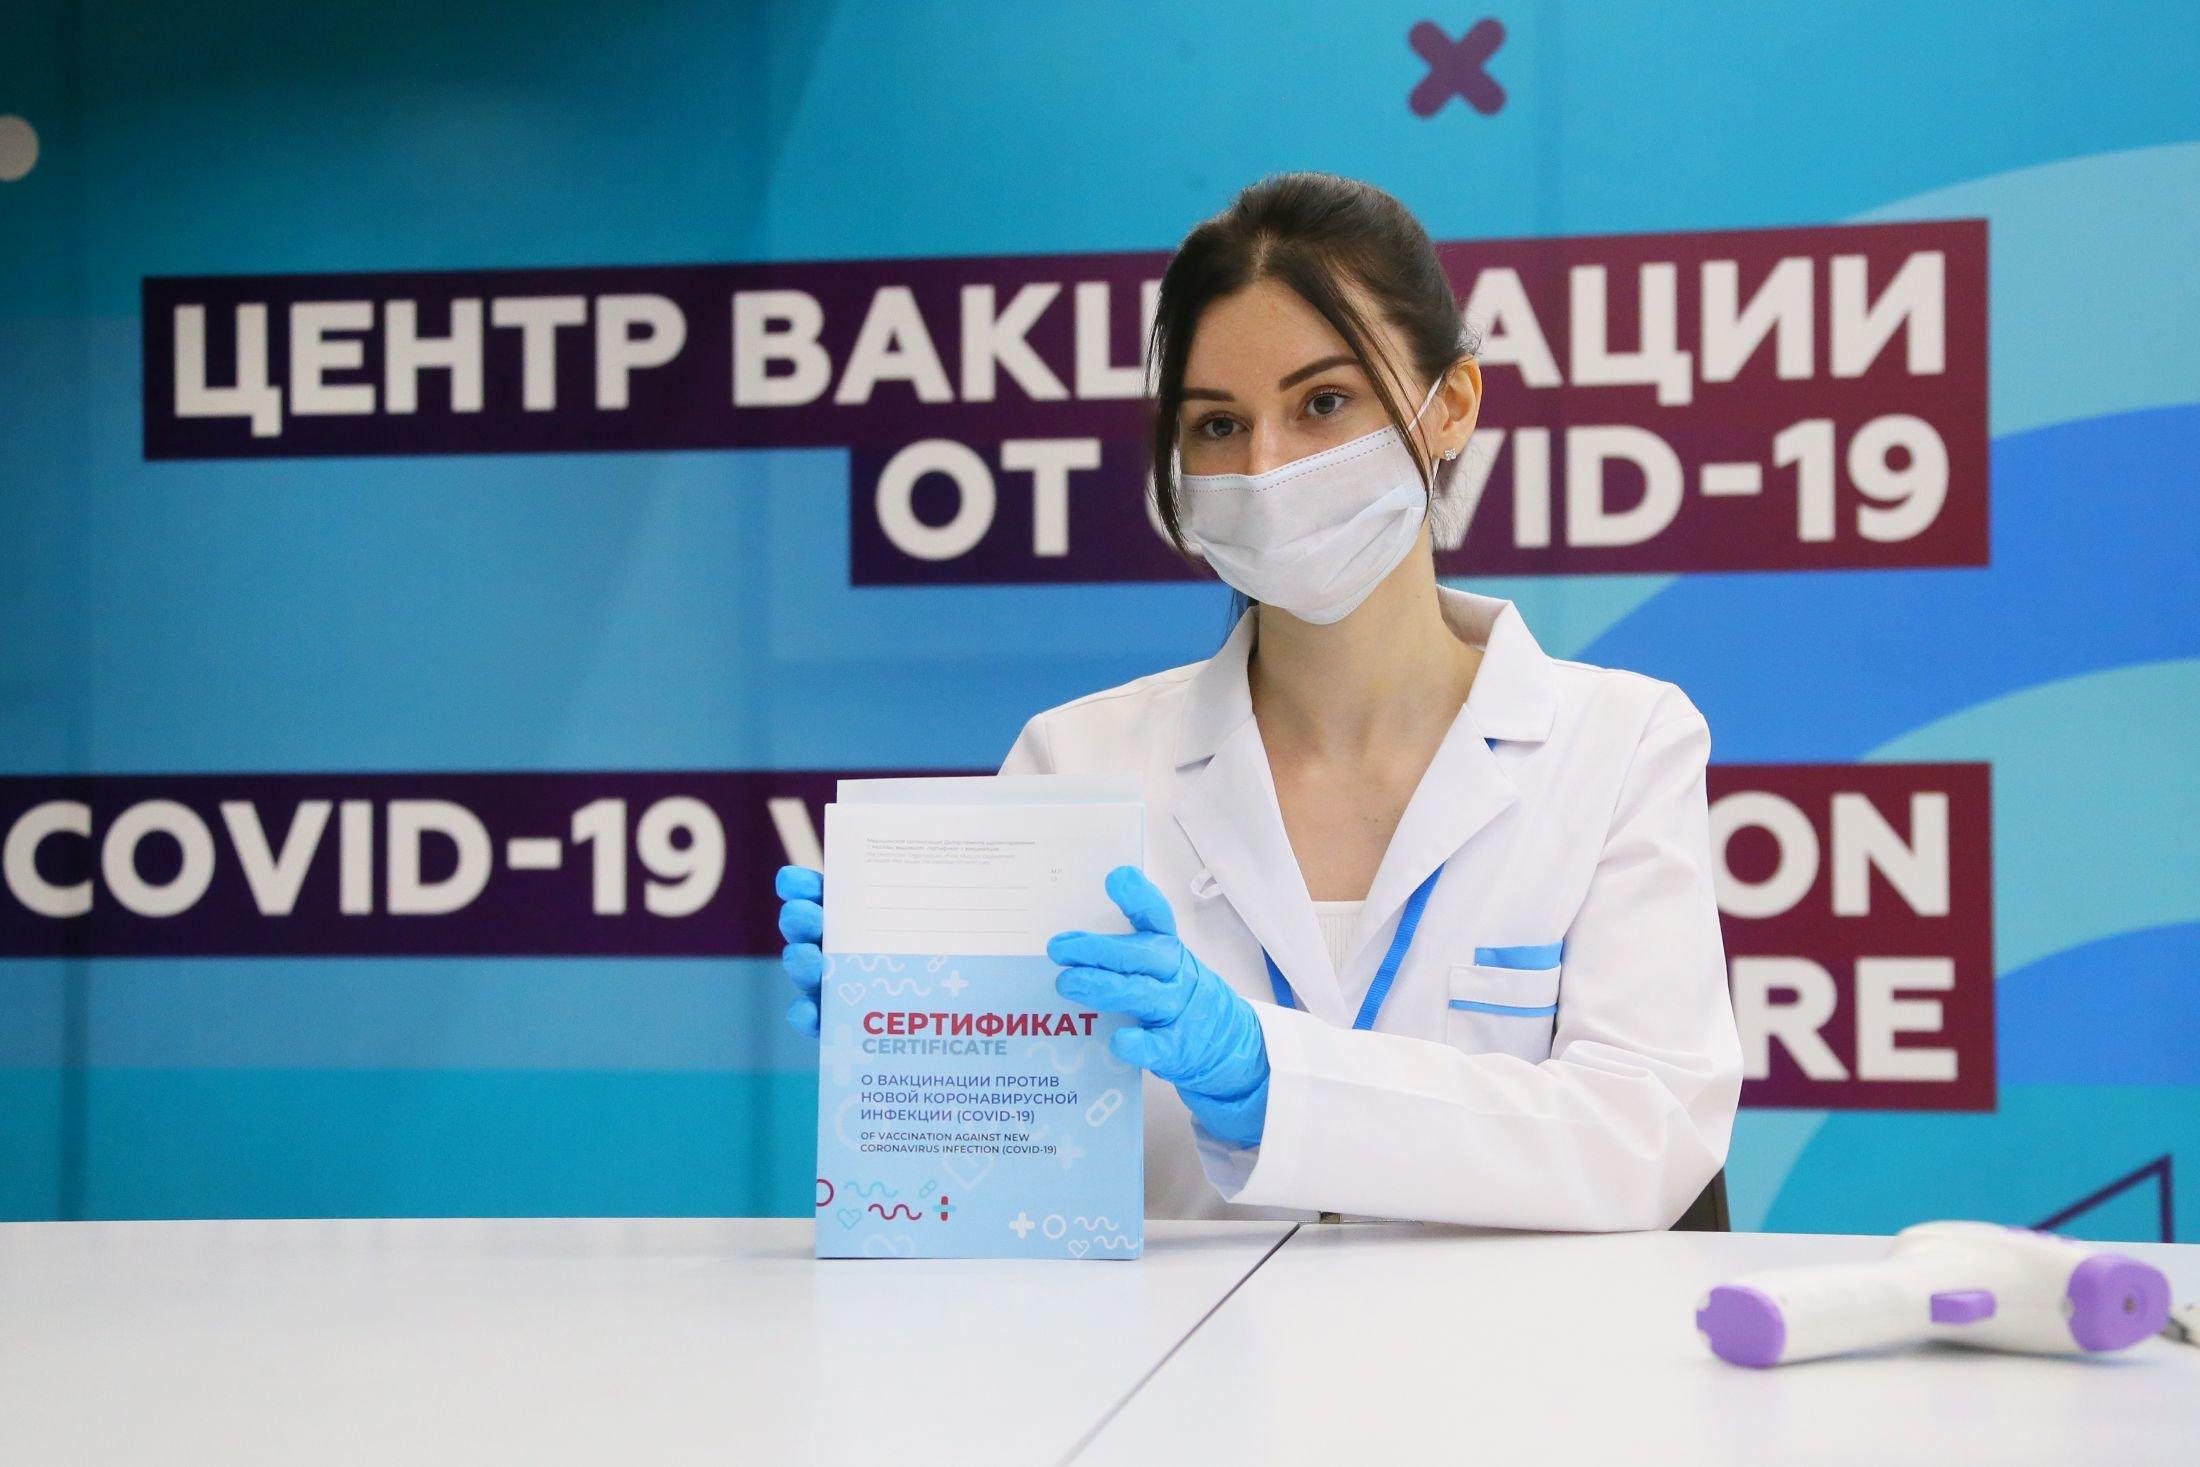 Евросоюз предложил России обсудить взаимодействие по вакцинным сертификатам